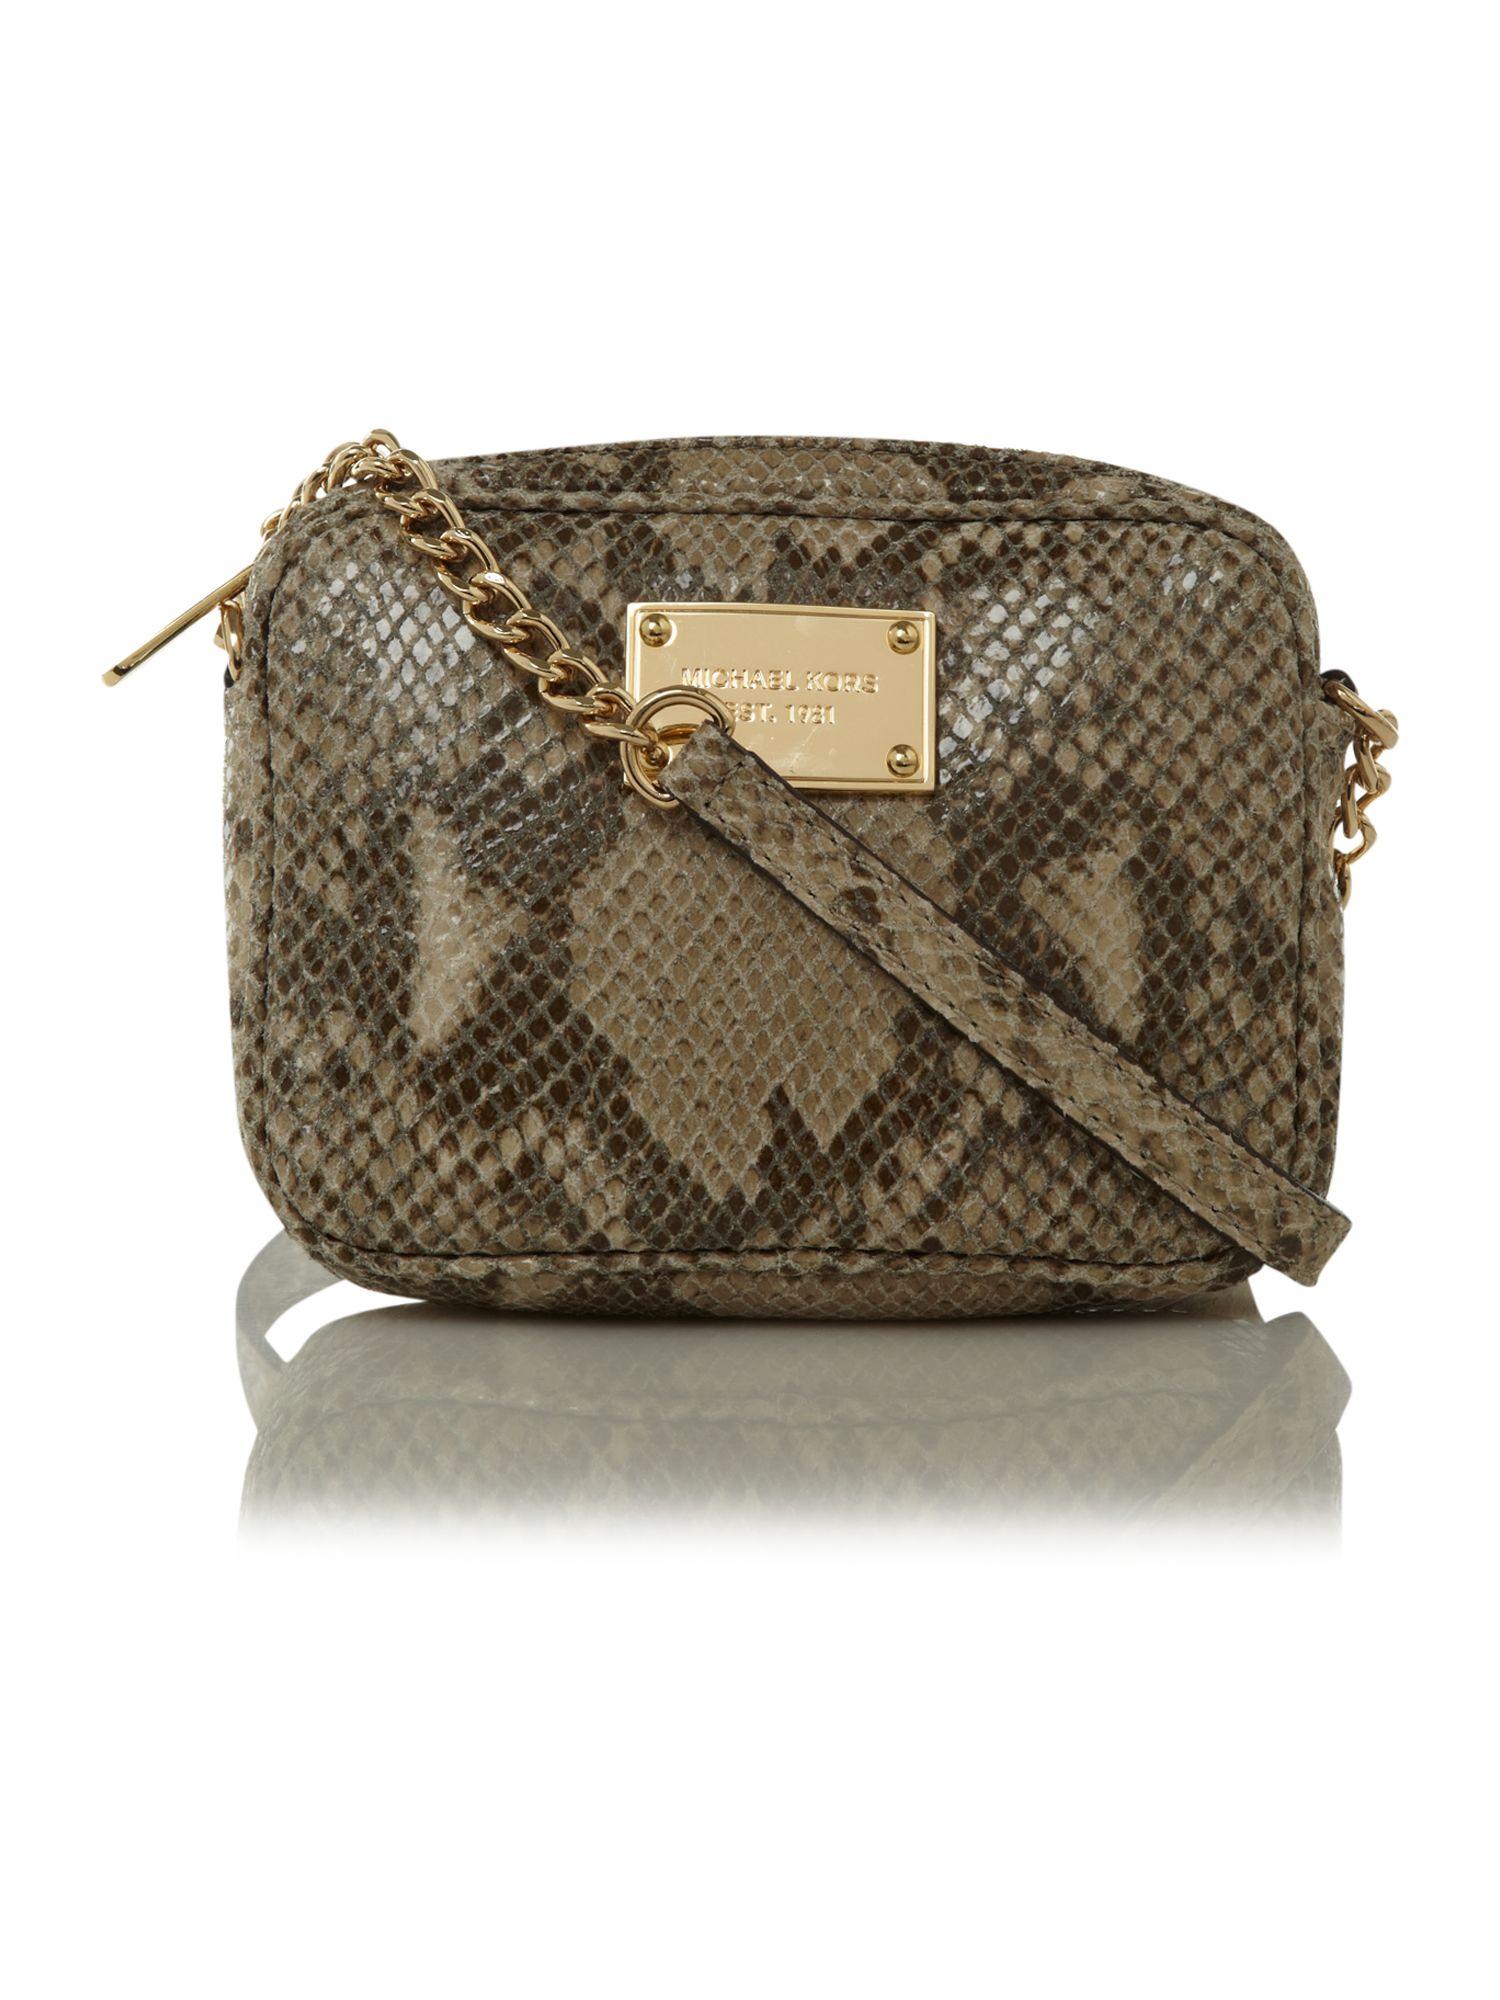 bcd1a480e ... order lyst michael kors mini jet set snake crossbody bag in brown 5c890  3b1d0